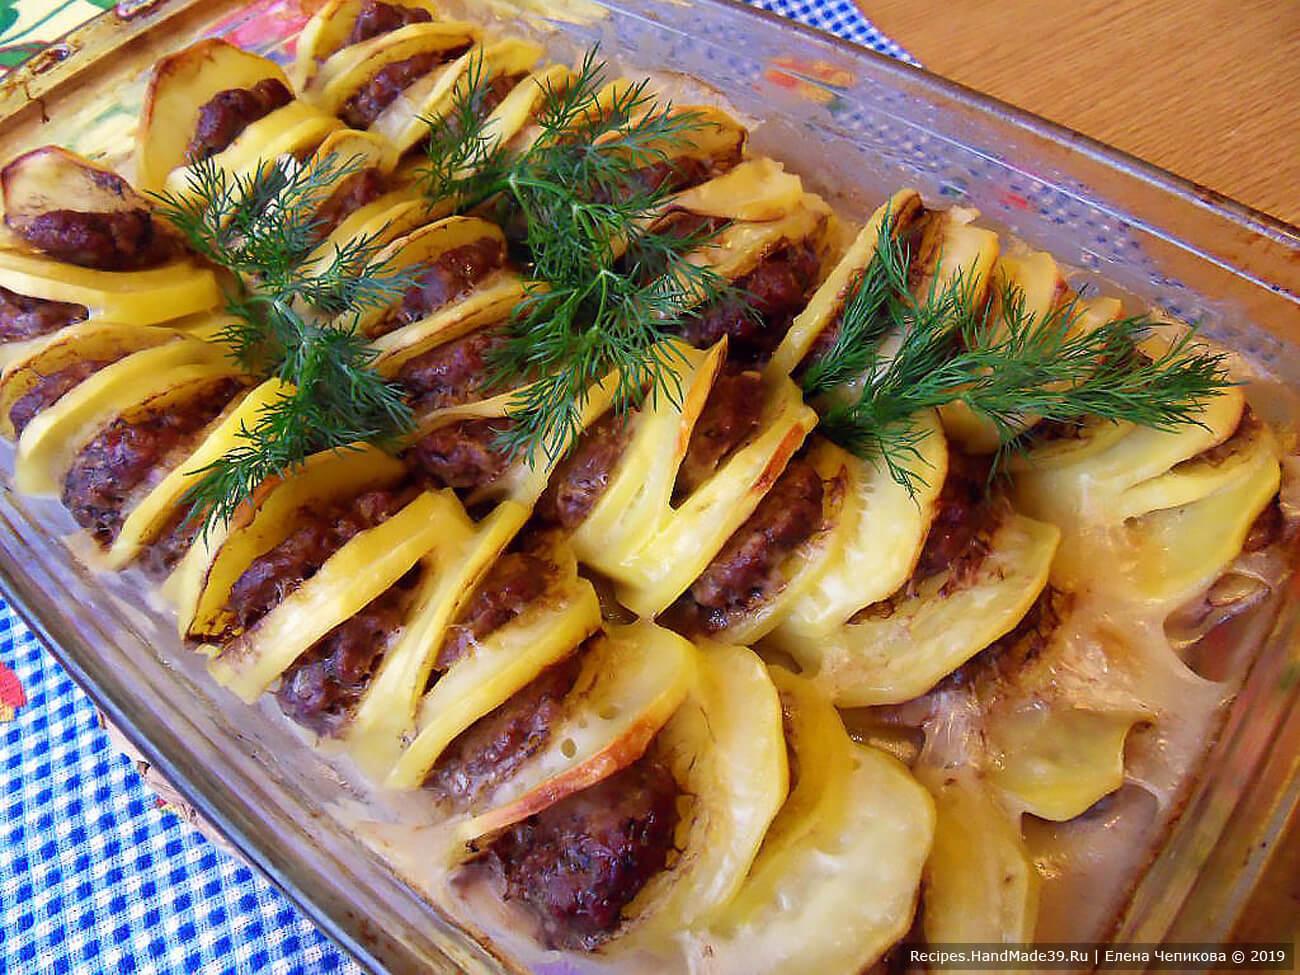 «Пьяный картофель» с фаршем – фото шаг 6. Запекать около 40 минут в духовке, разогретой до температуры 180 °C. «Пьяный картофель» с фаршем готов, приятного аппетита!